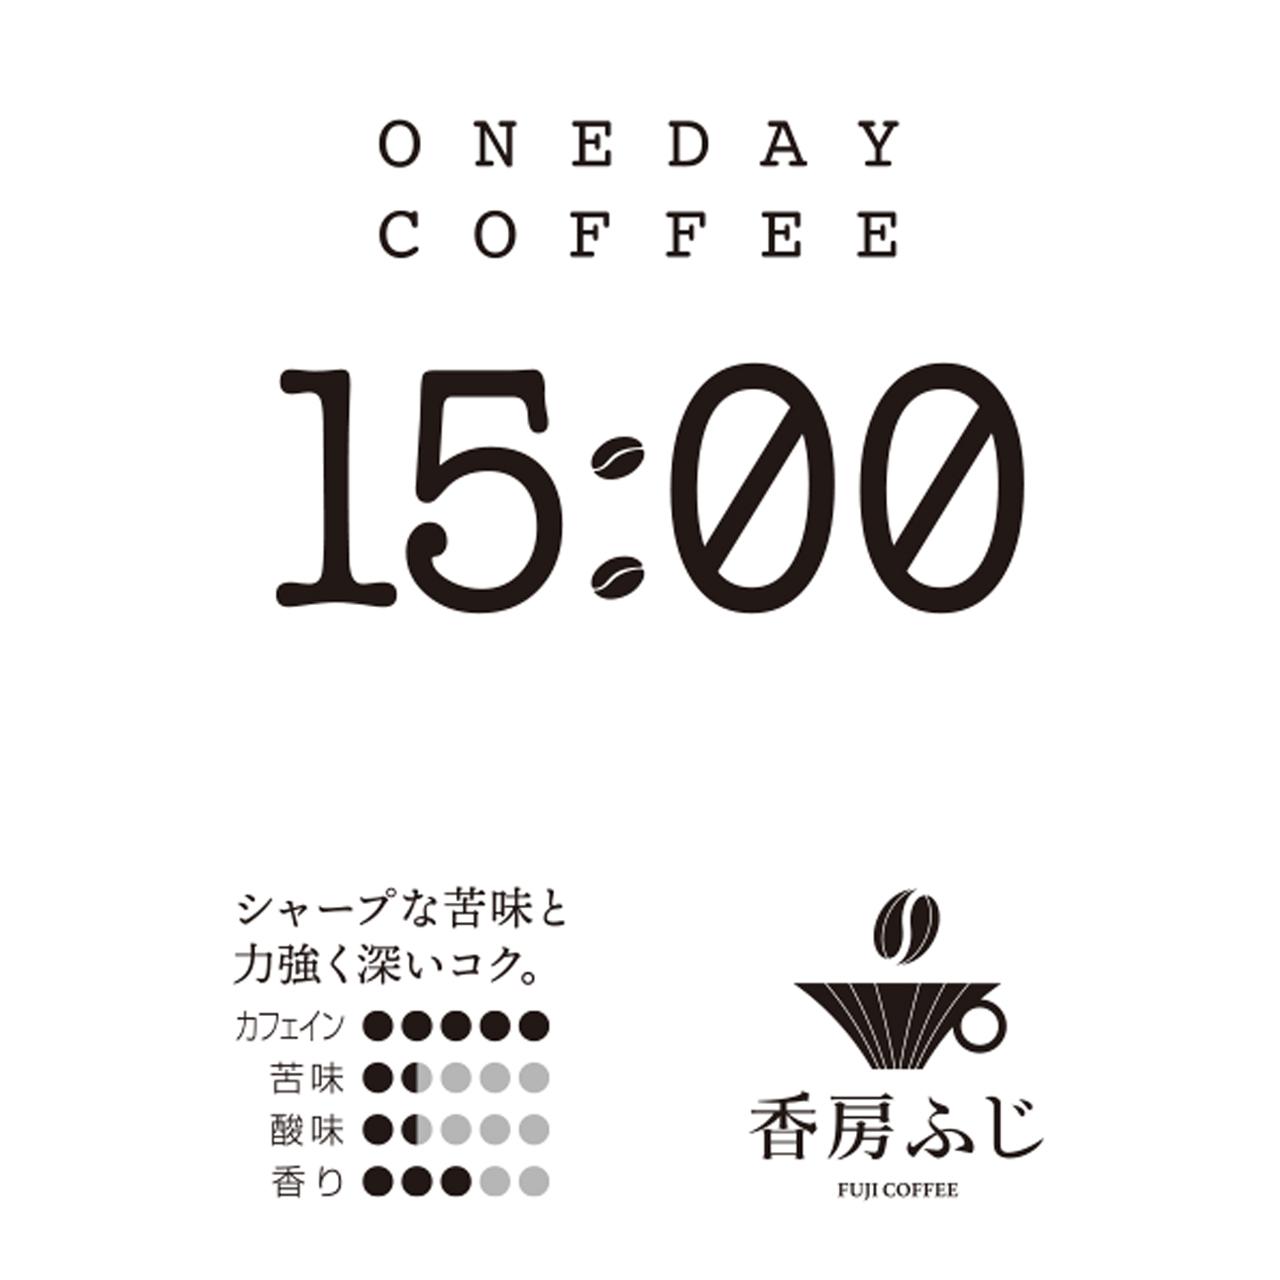 ONEDAYコーヒー